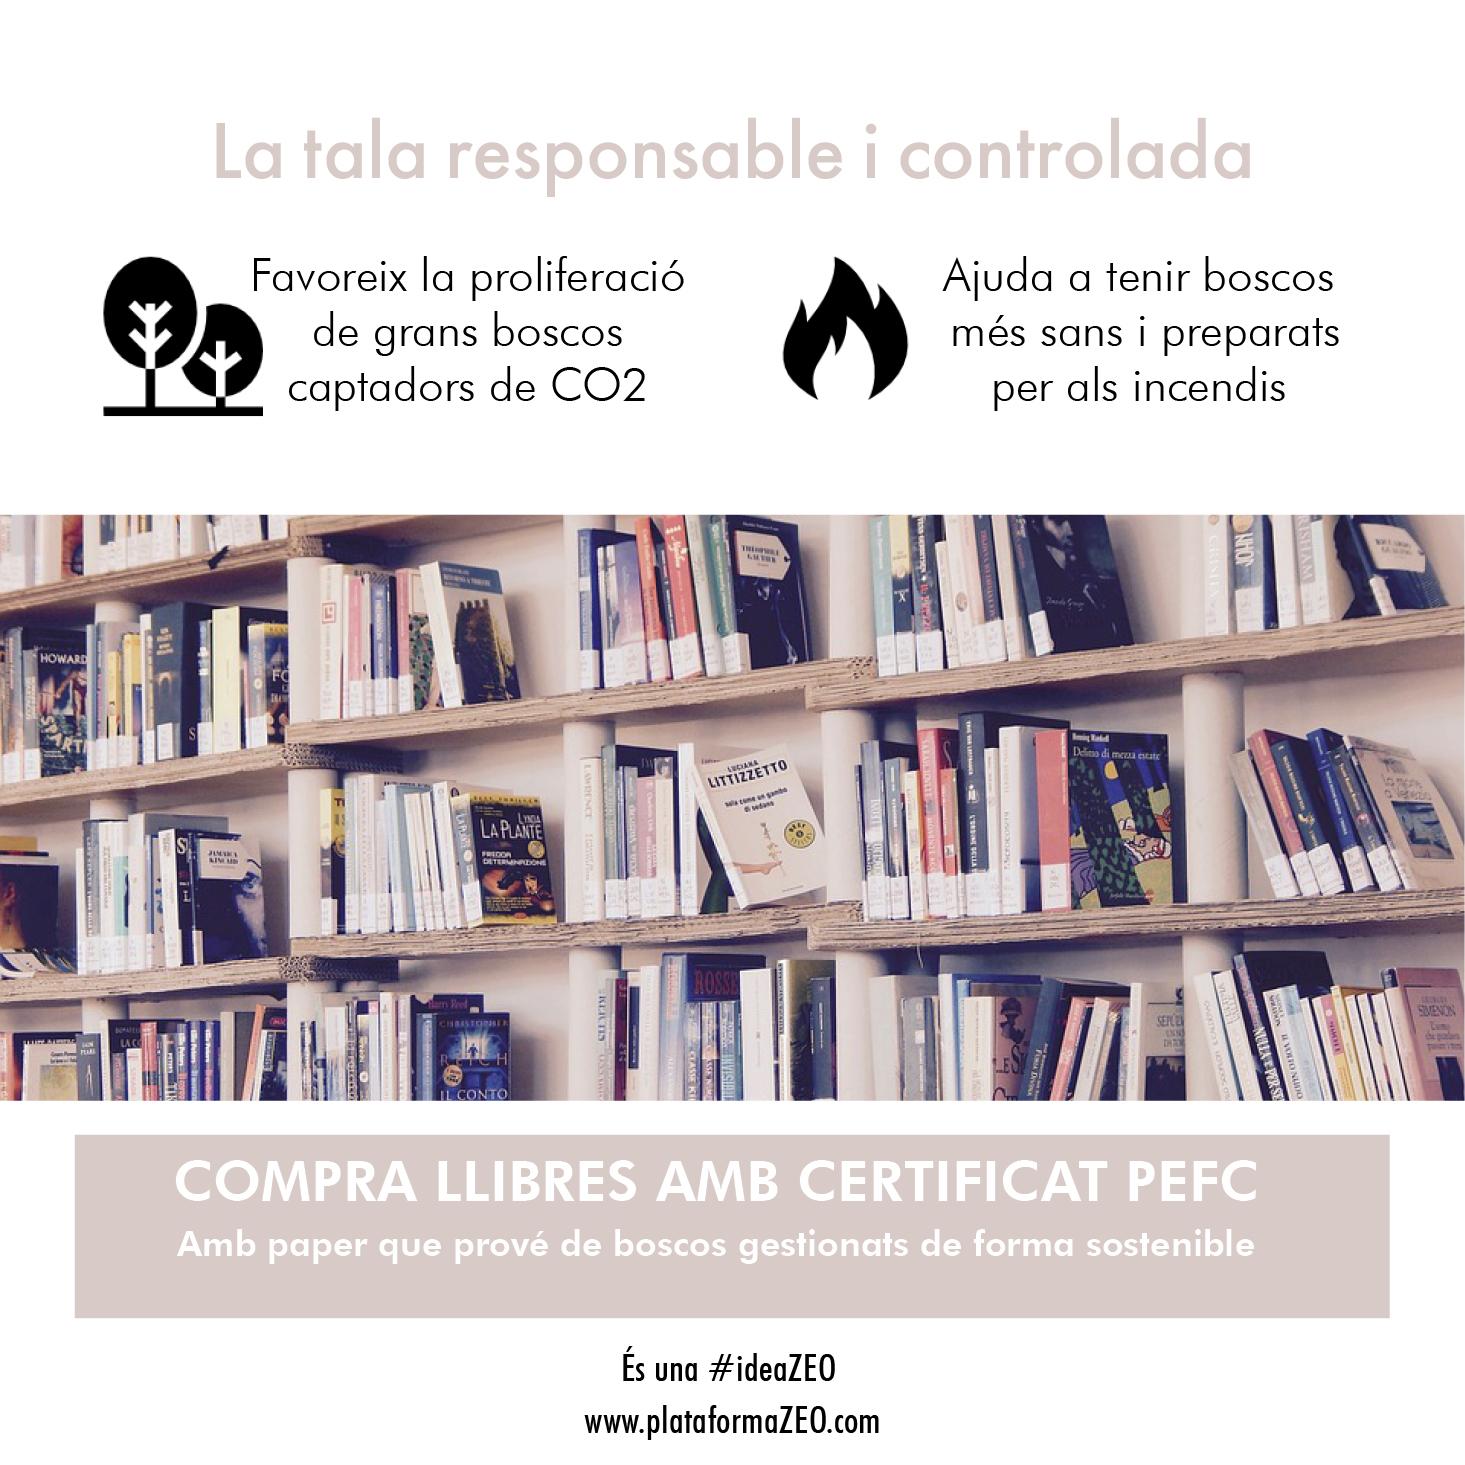 Llibres certificat PEFC